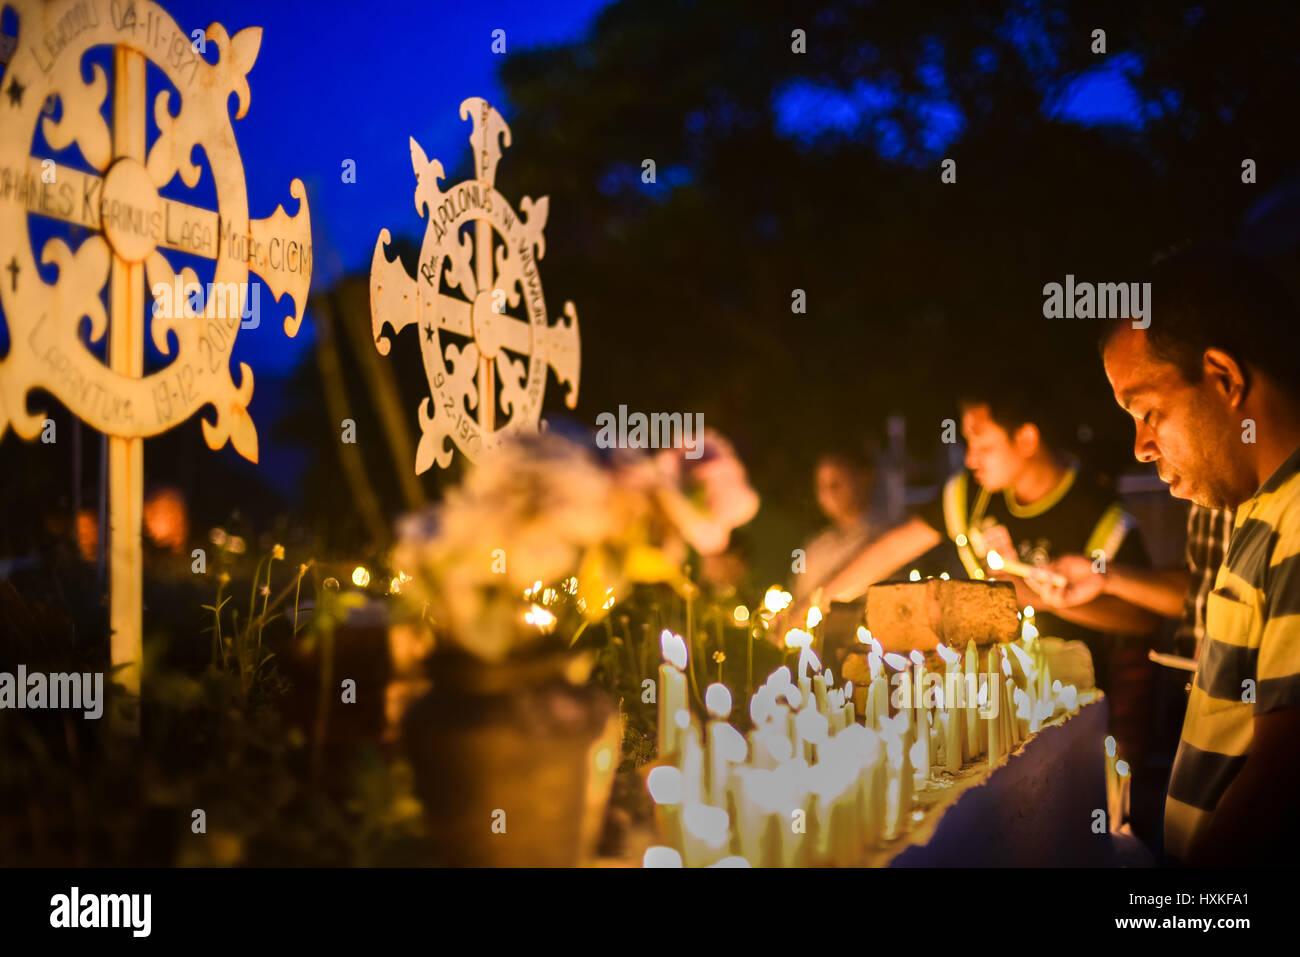 Pèlerins priant au cimetière de la cathédrale dans le cadre de la Semana Santa (Semaine sainte célébration) Photo Stock